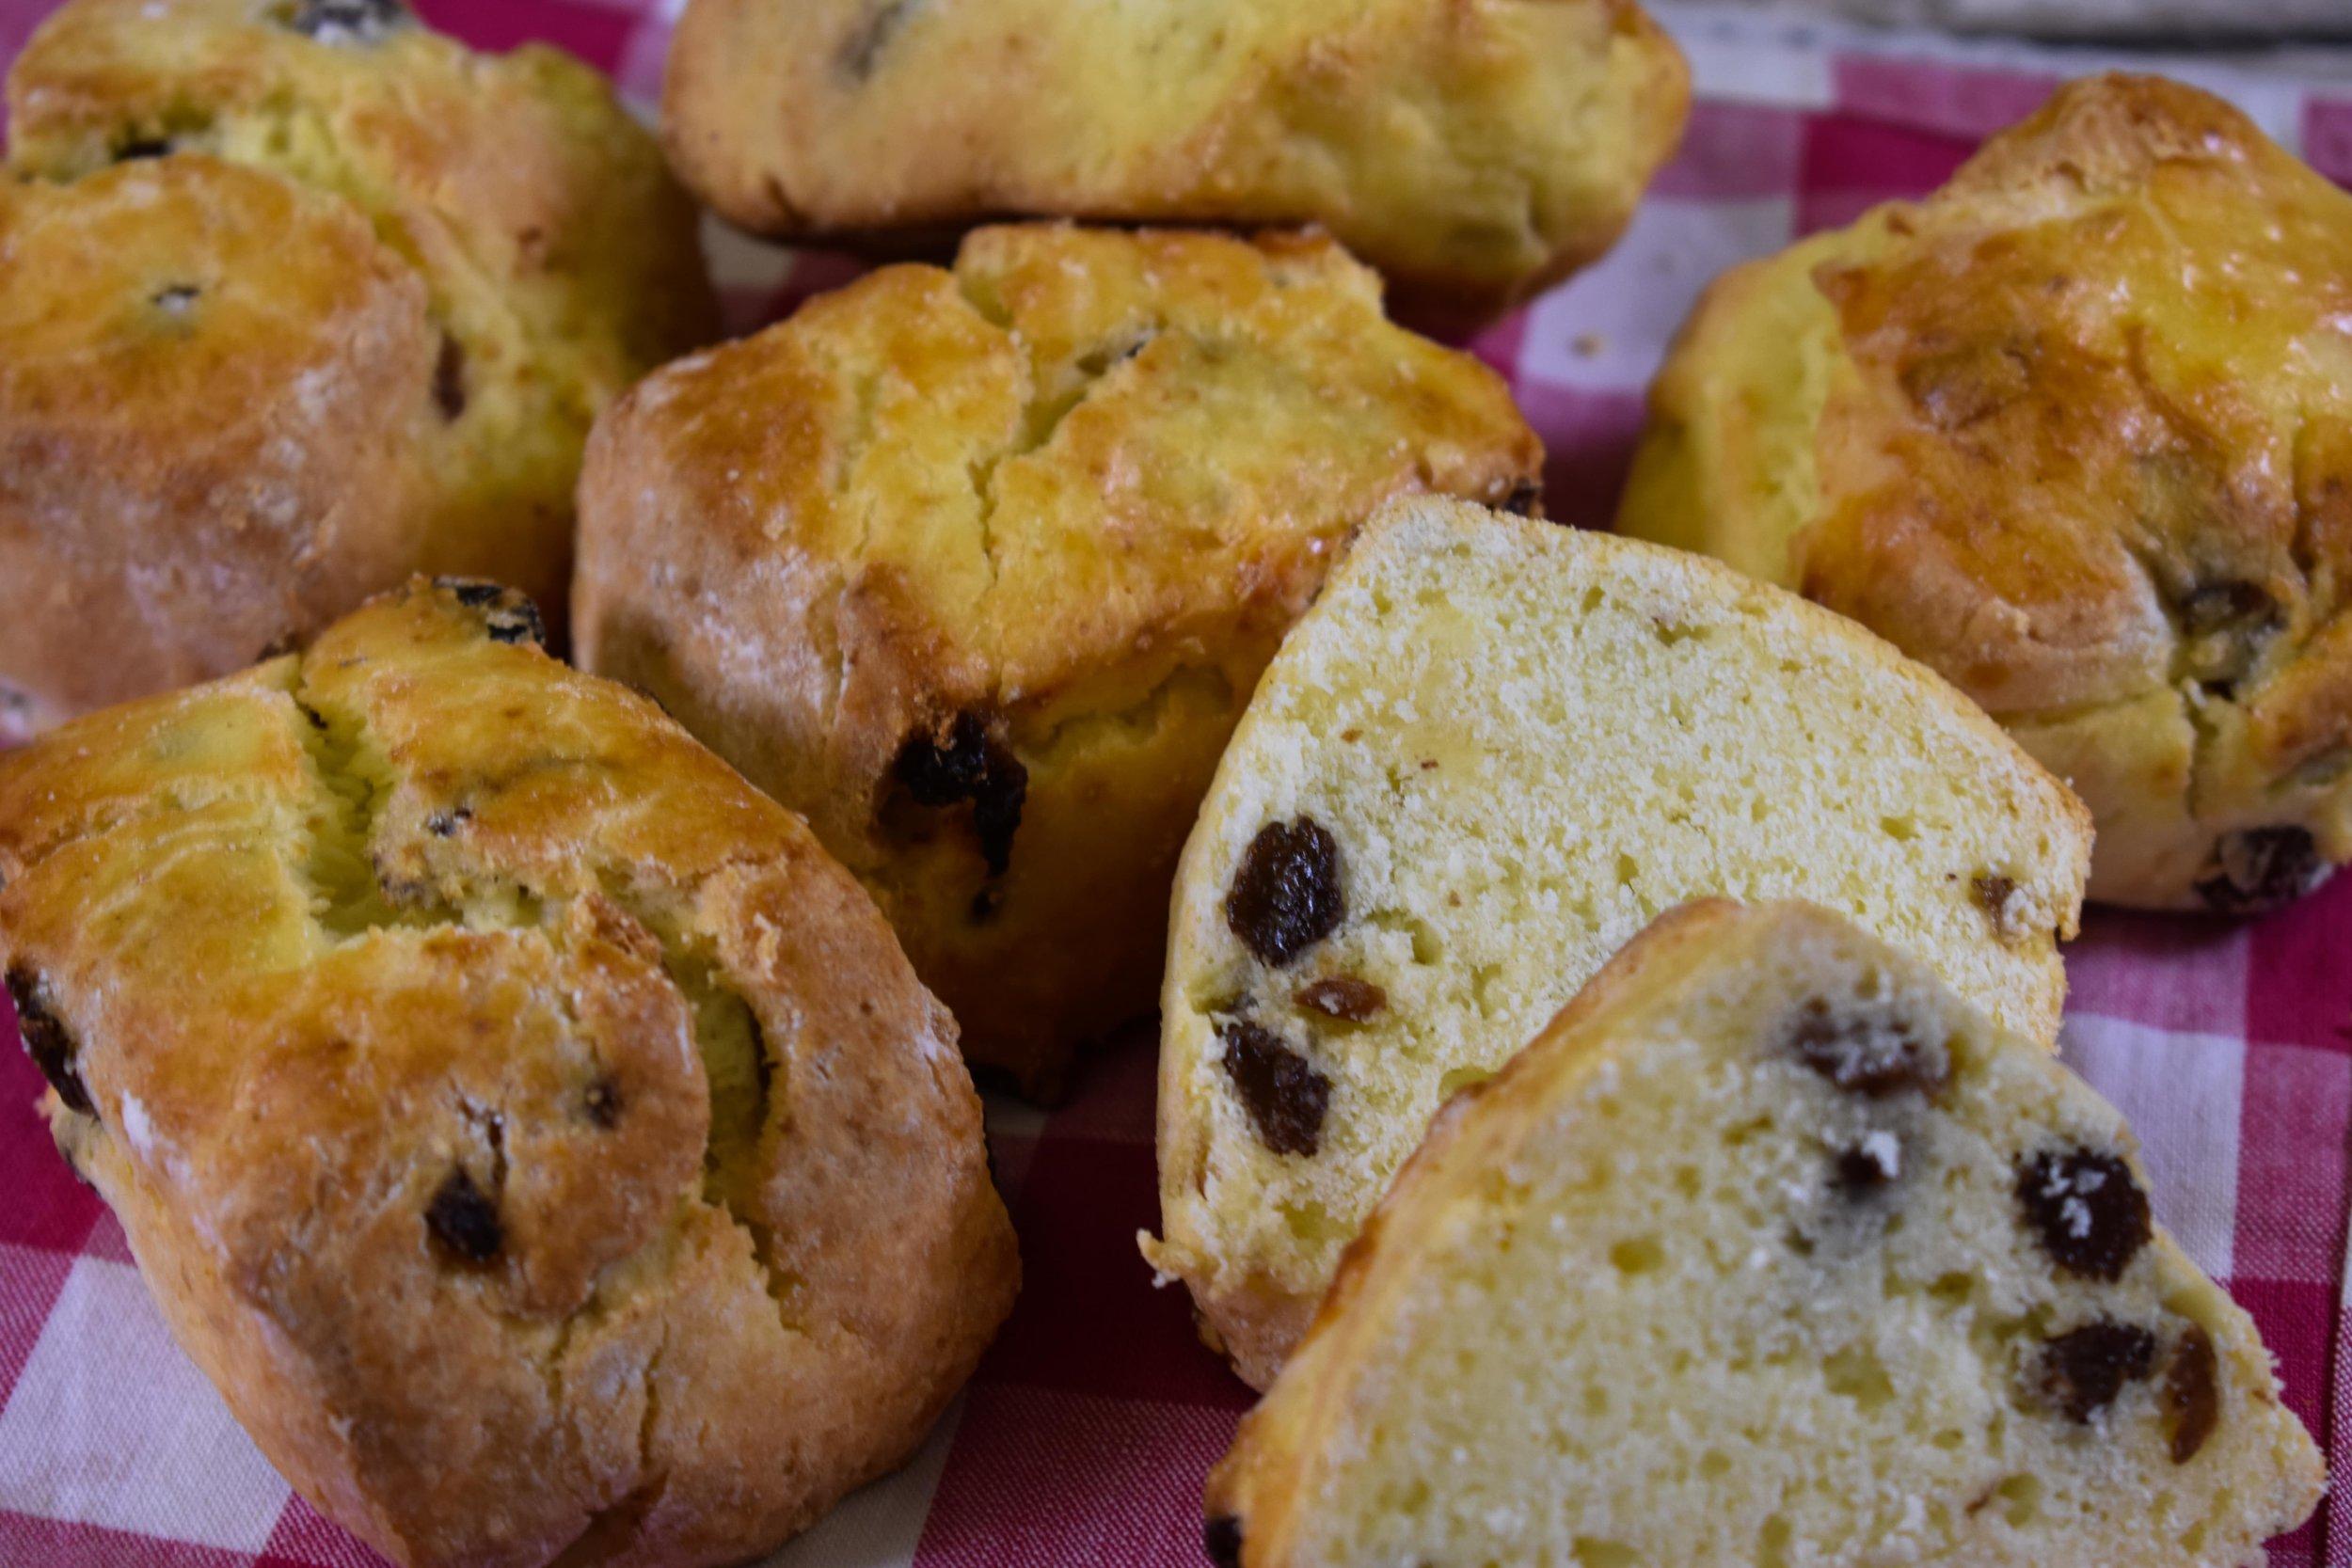 Gluten Free Scone by Fosters Bakery